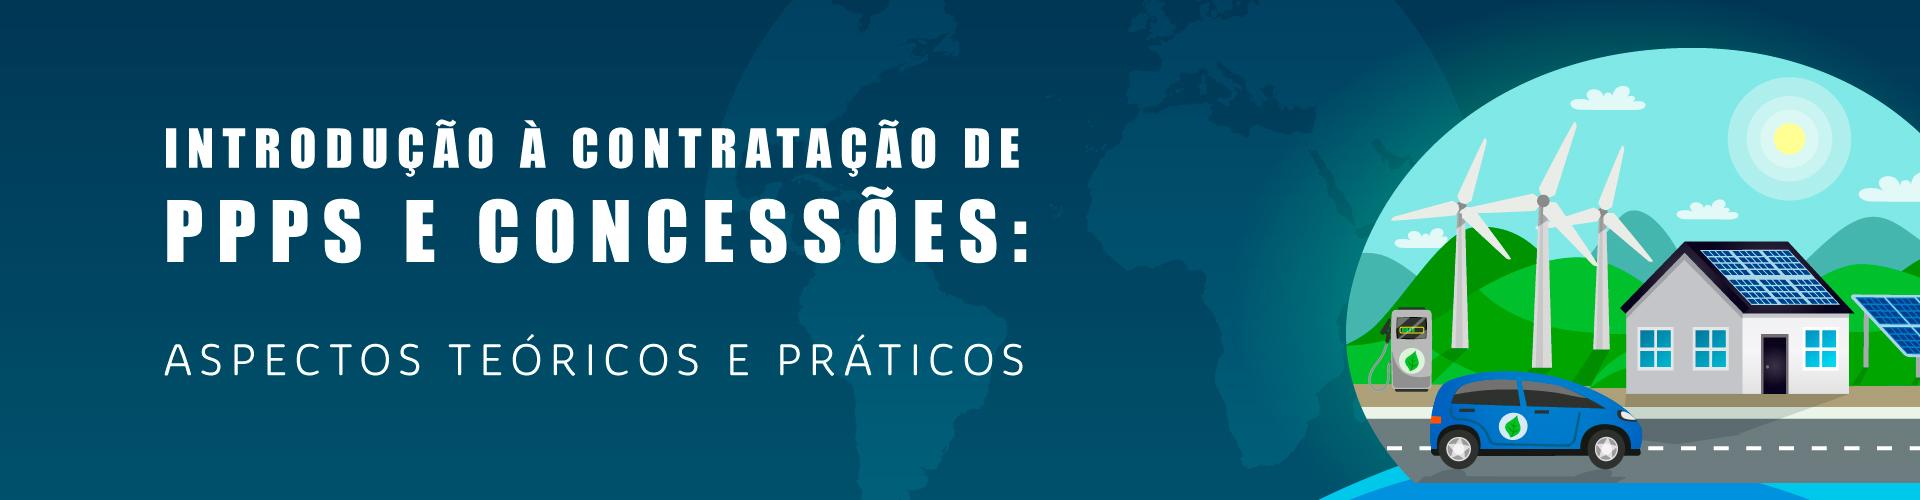 Introdução à Contratação de PPPS e Concessões: Aspectos Teóricos e Práticos